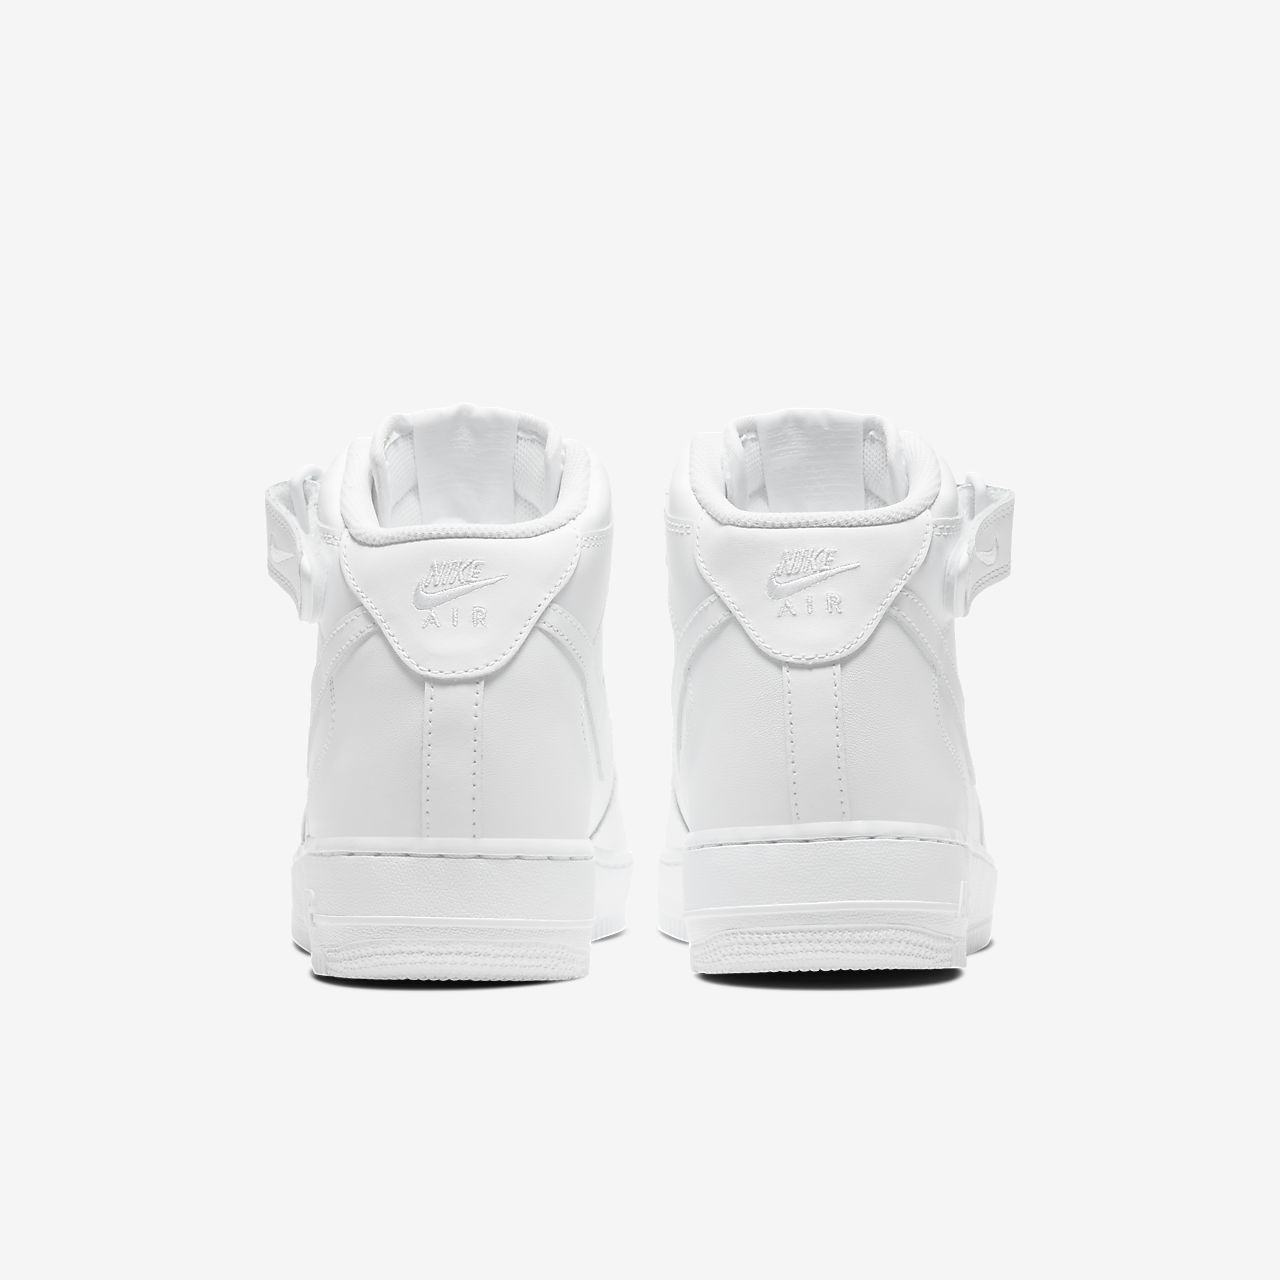 354b9de5e5c68 Calzado para hombre Nike Air Force 1 Mid  07. Nike.com MX